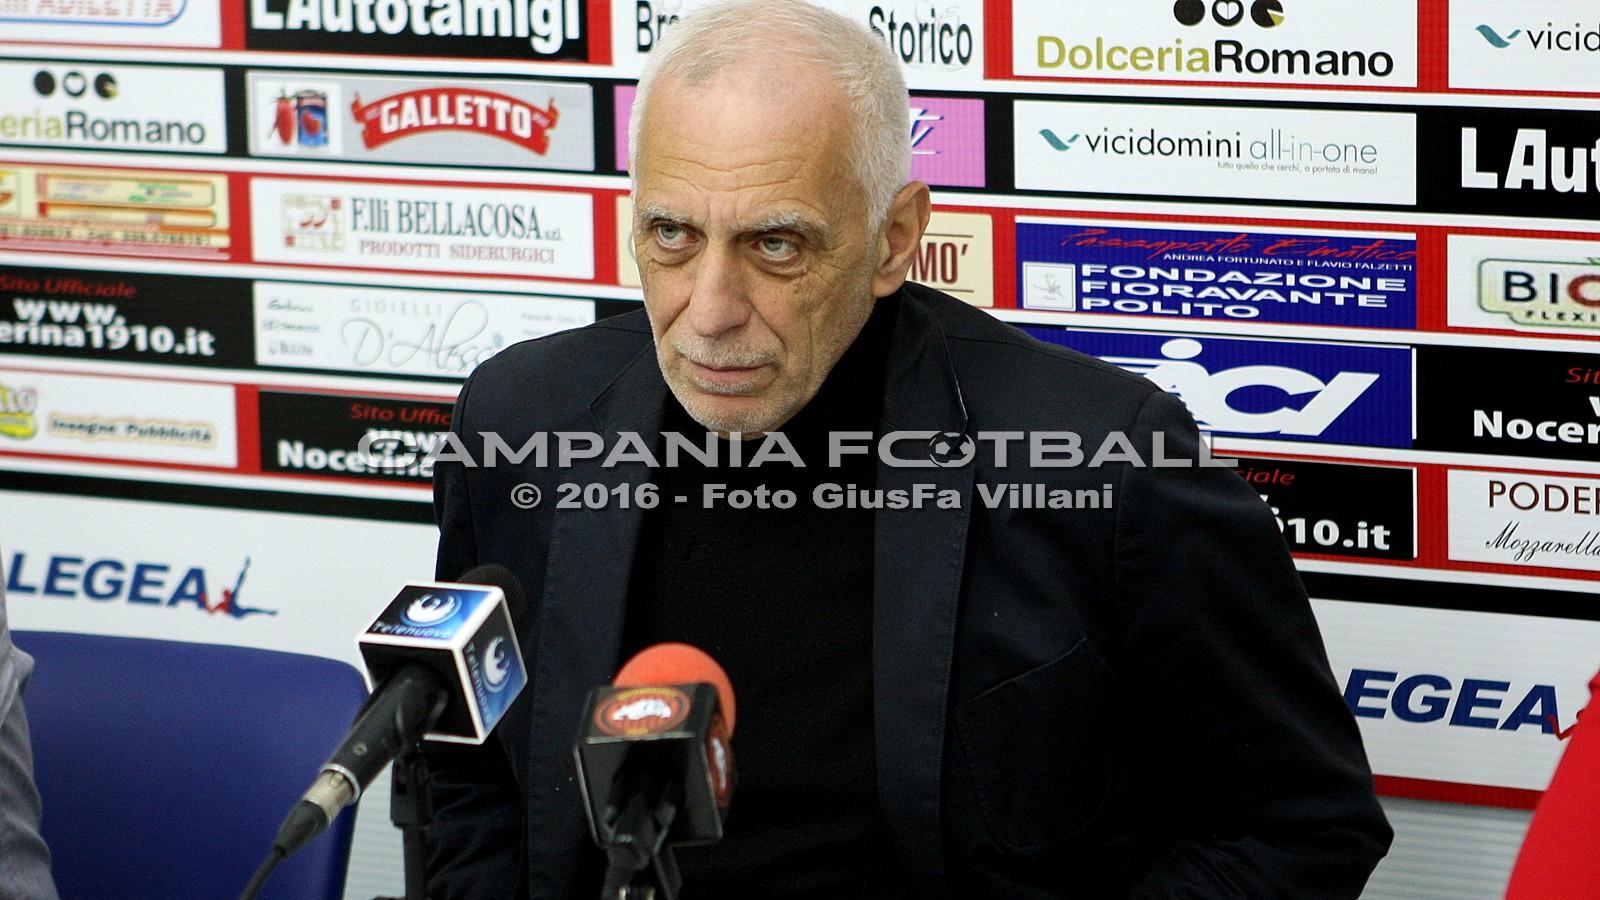 FOTO | Nocerina: conferenza stampa di Gianni Simonelli